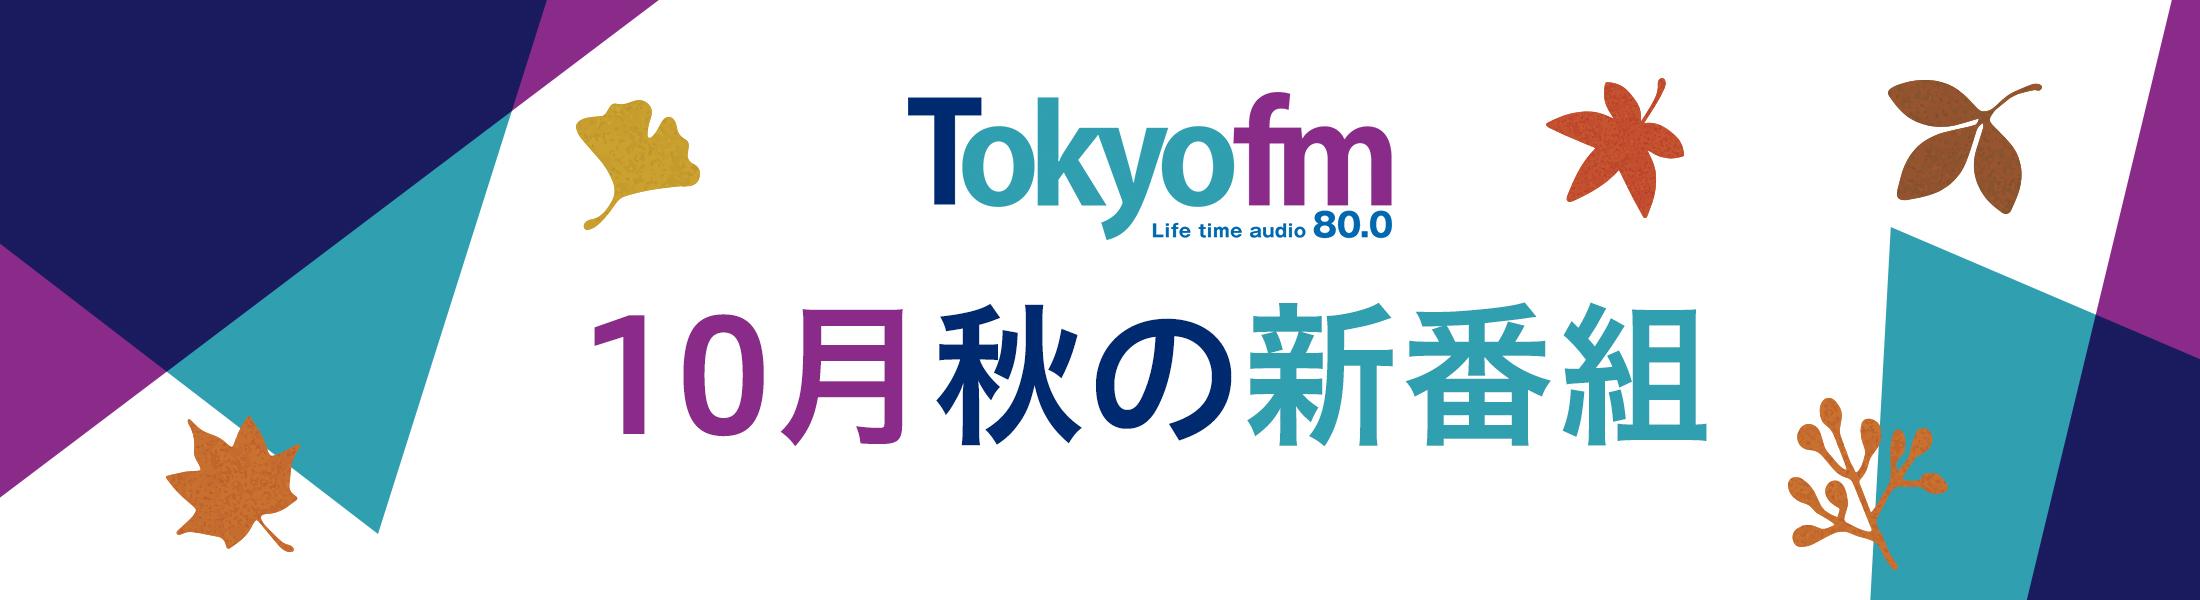 TOKYO FM新番組情報